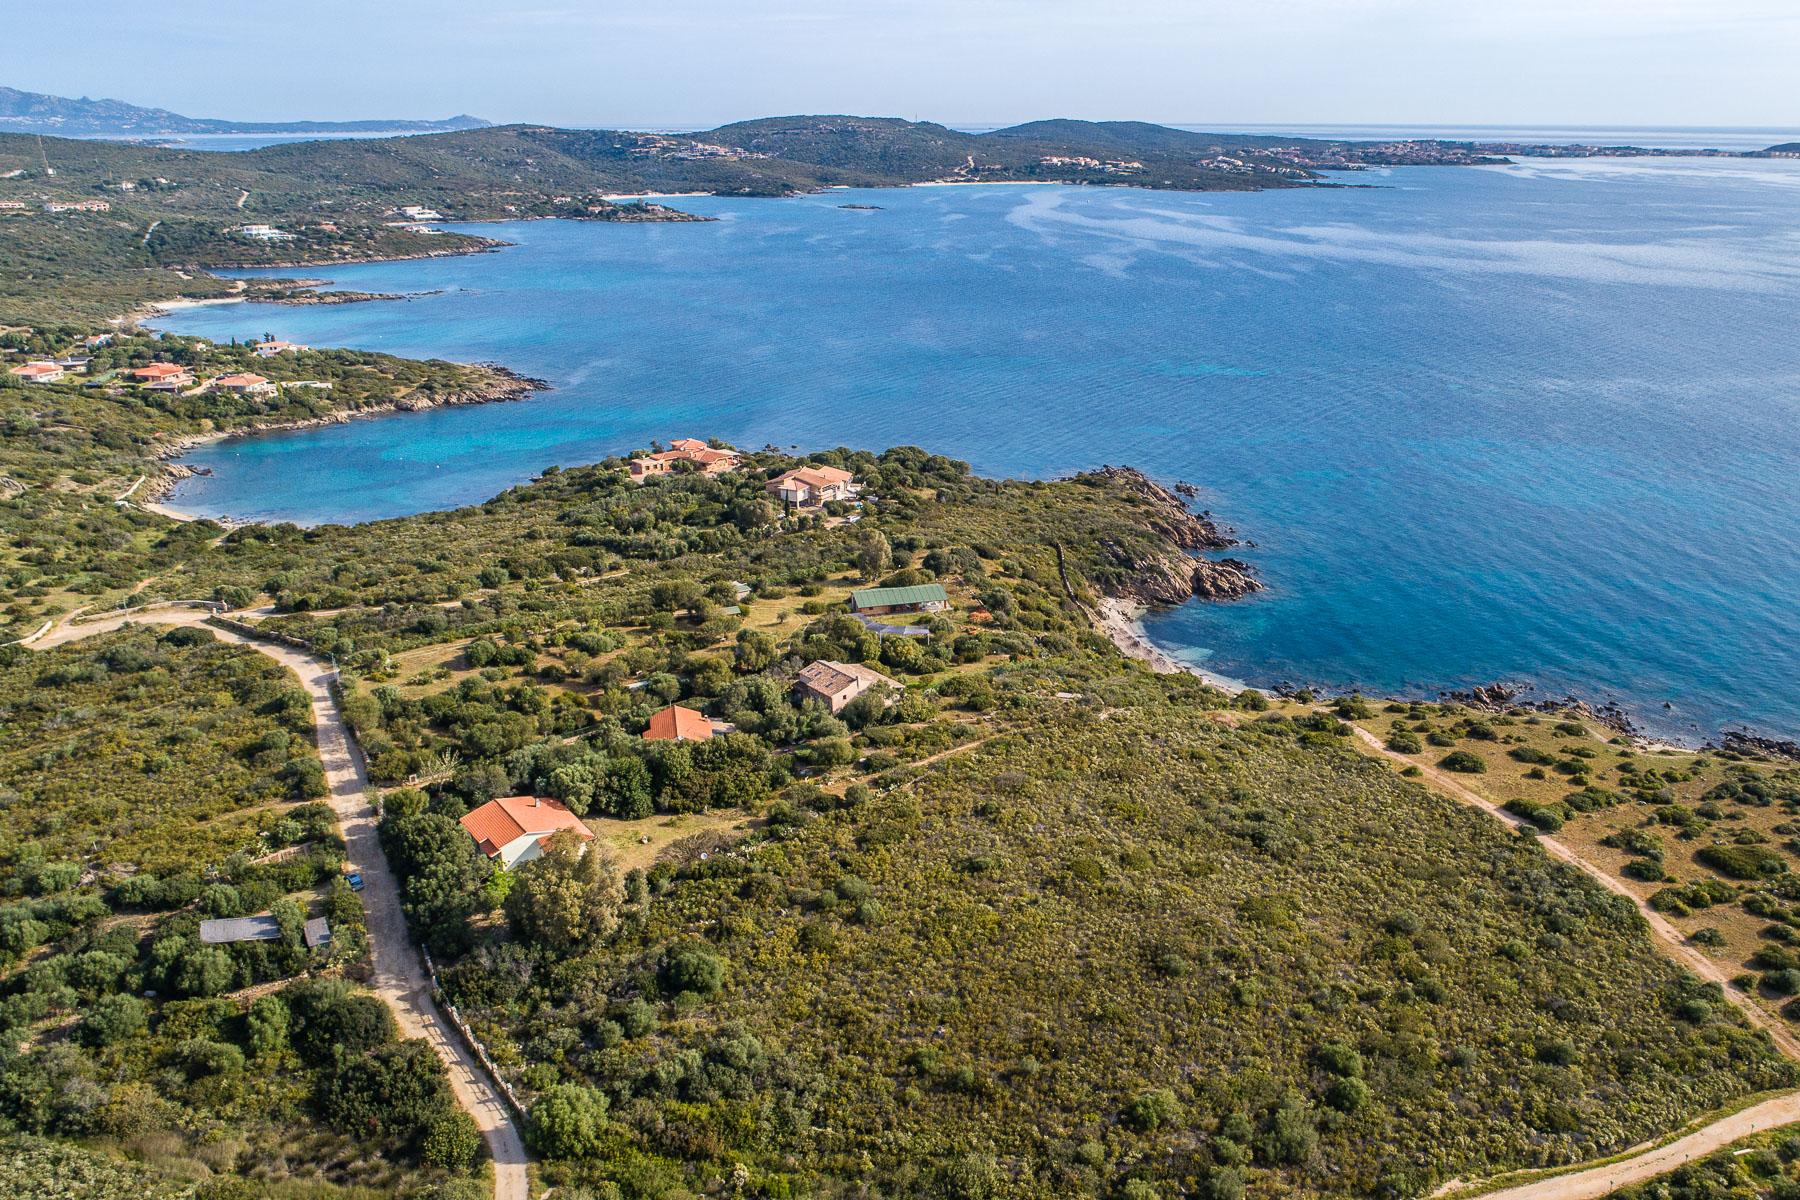 Villa in Vendita a Golfo Aranci: 5 locali, 170 mq - Foto 23